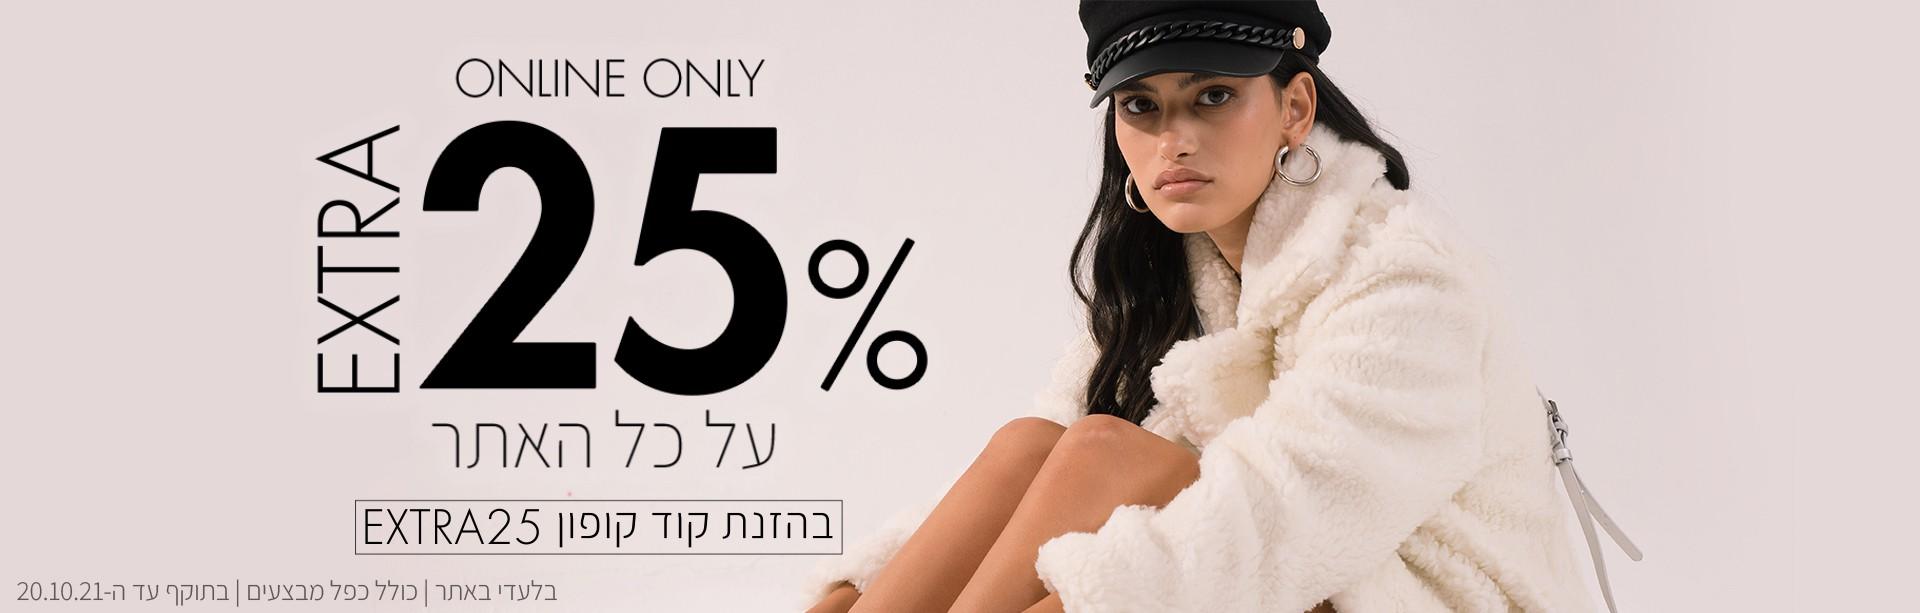 40% על כל האתר